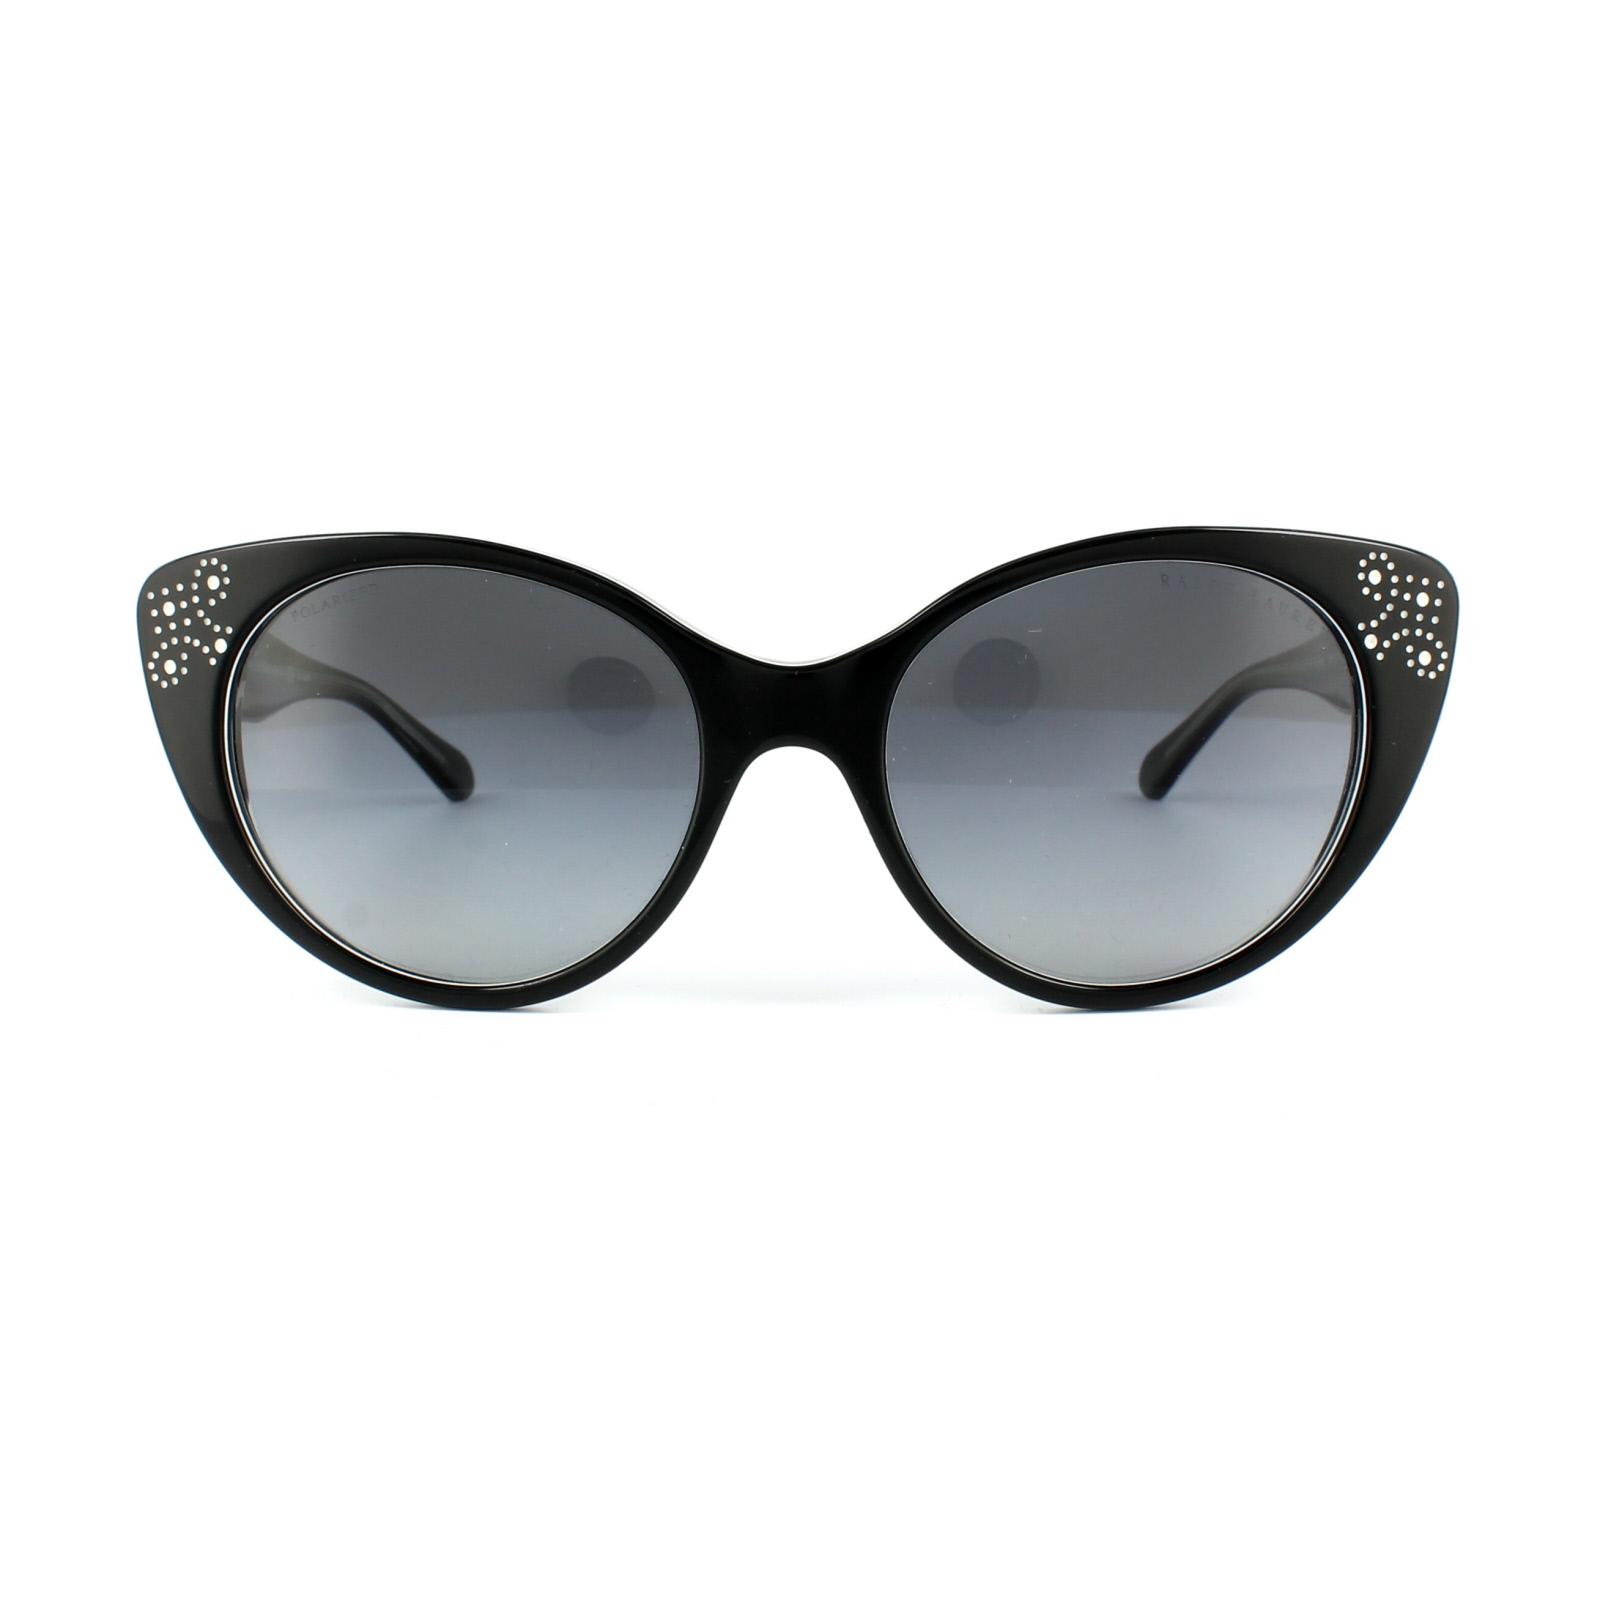 ralph lauren sonnenbrille 8110 5448t3 schwarz wei grau verlauf polarisiert 8053672201185 ebay. Black Bedroom Furniture Sets. Home Design Ideas